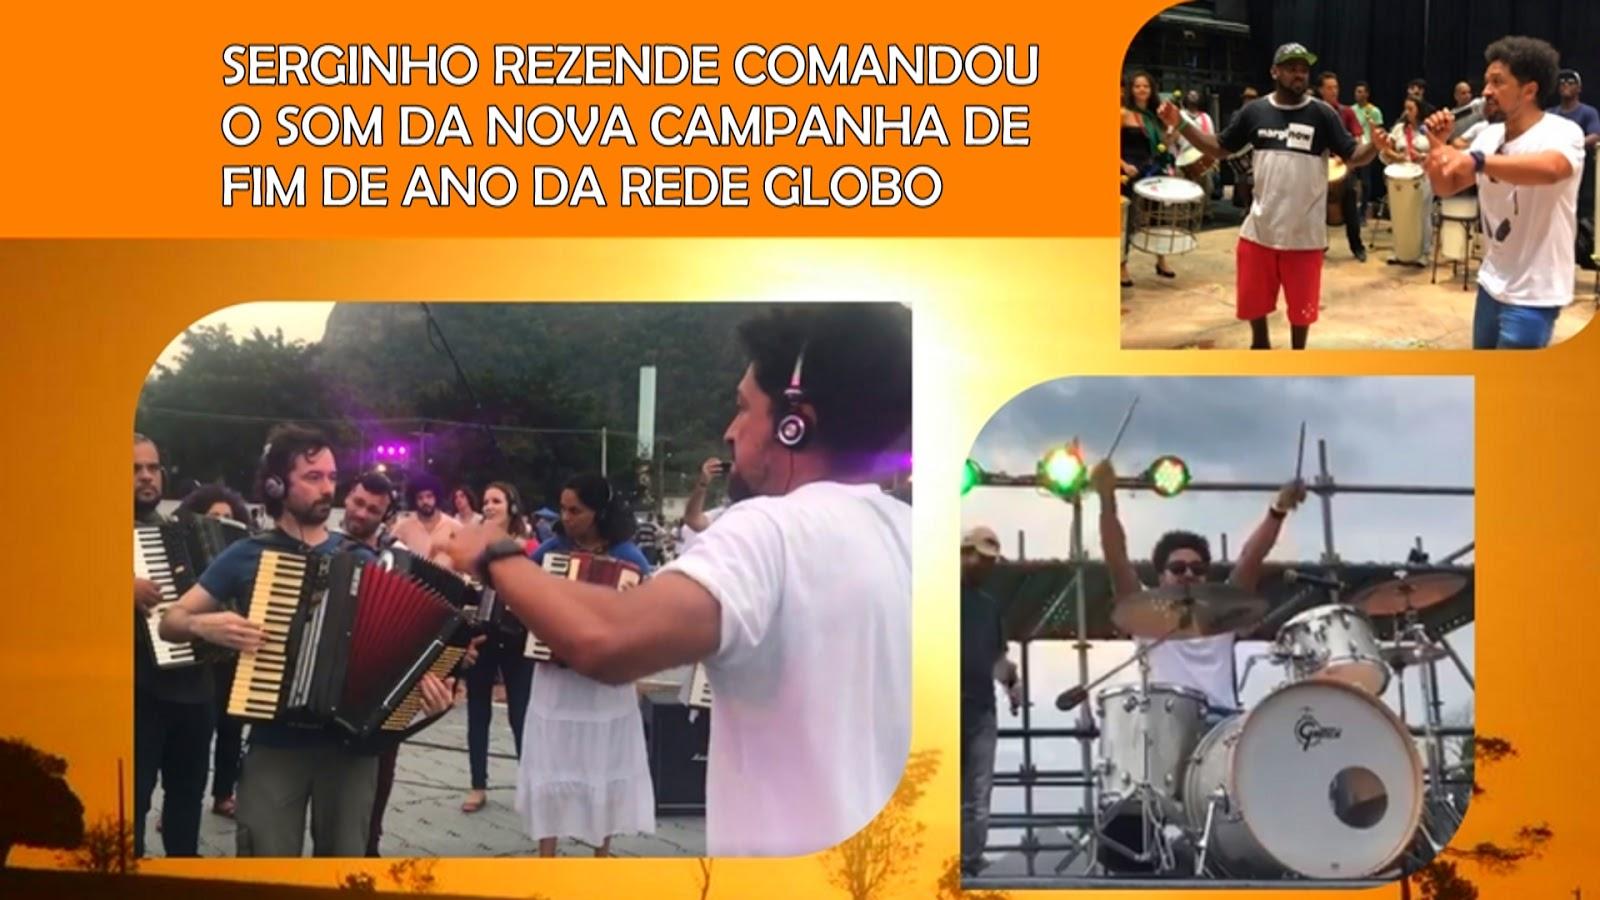 SERGINHO REZENDE COMANDOU O SOM DA CAMPANHA DE FIM DE ANO DA REDE GLOBO